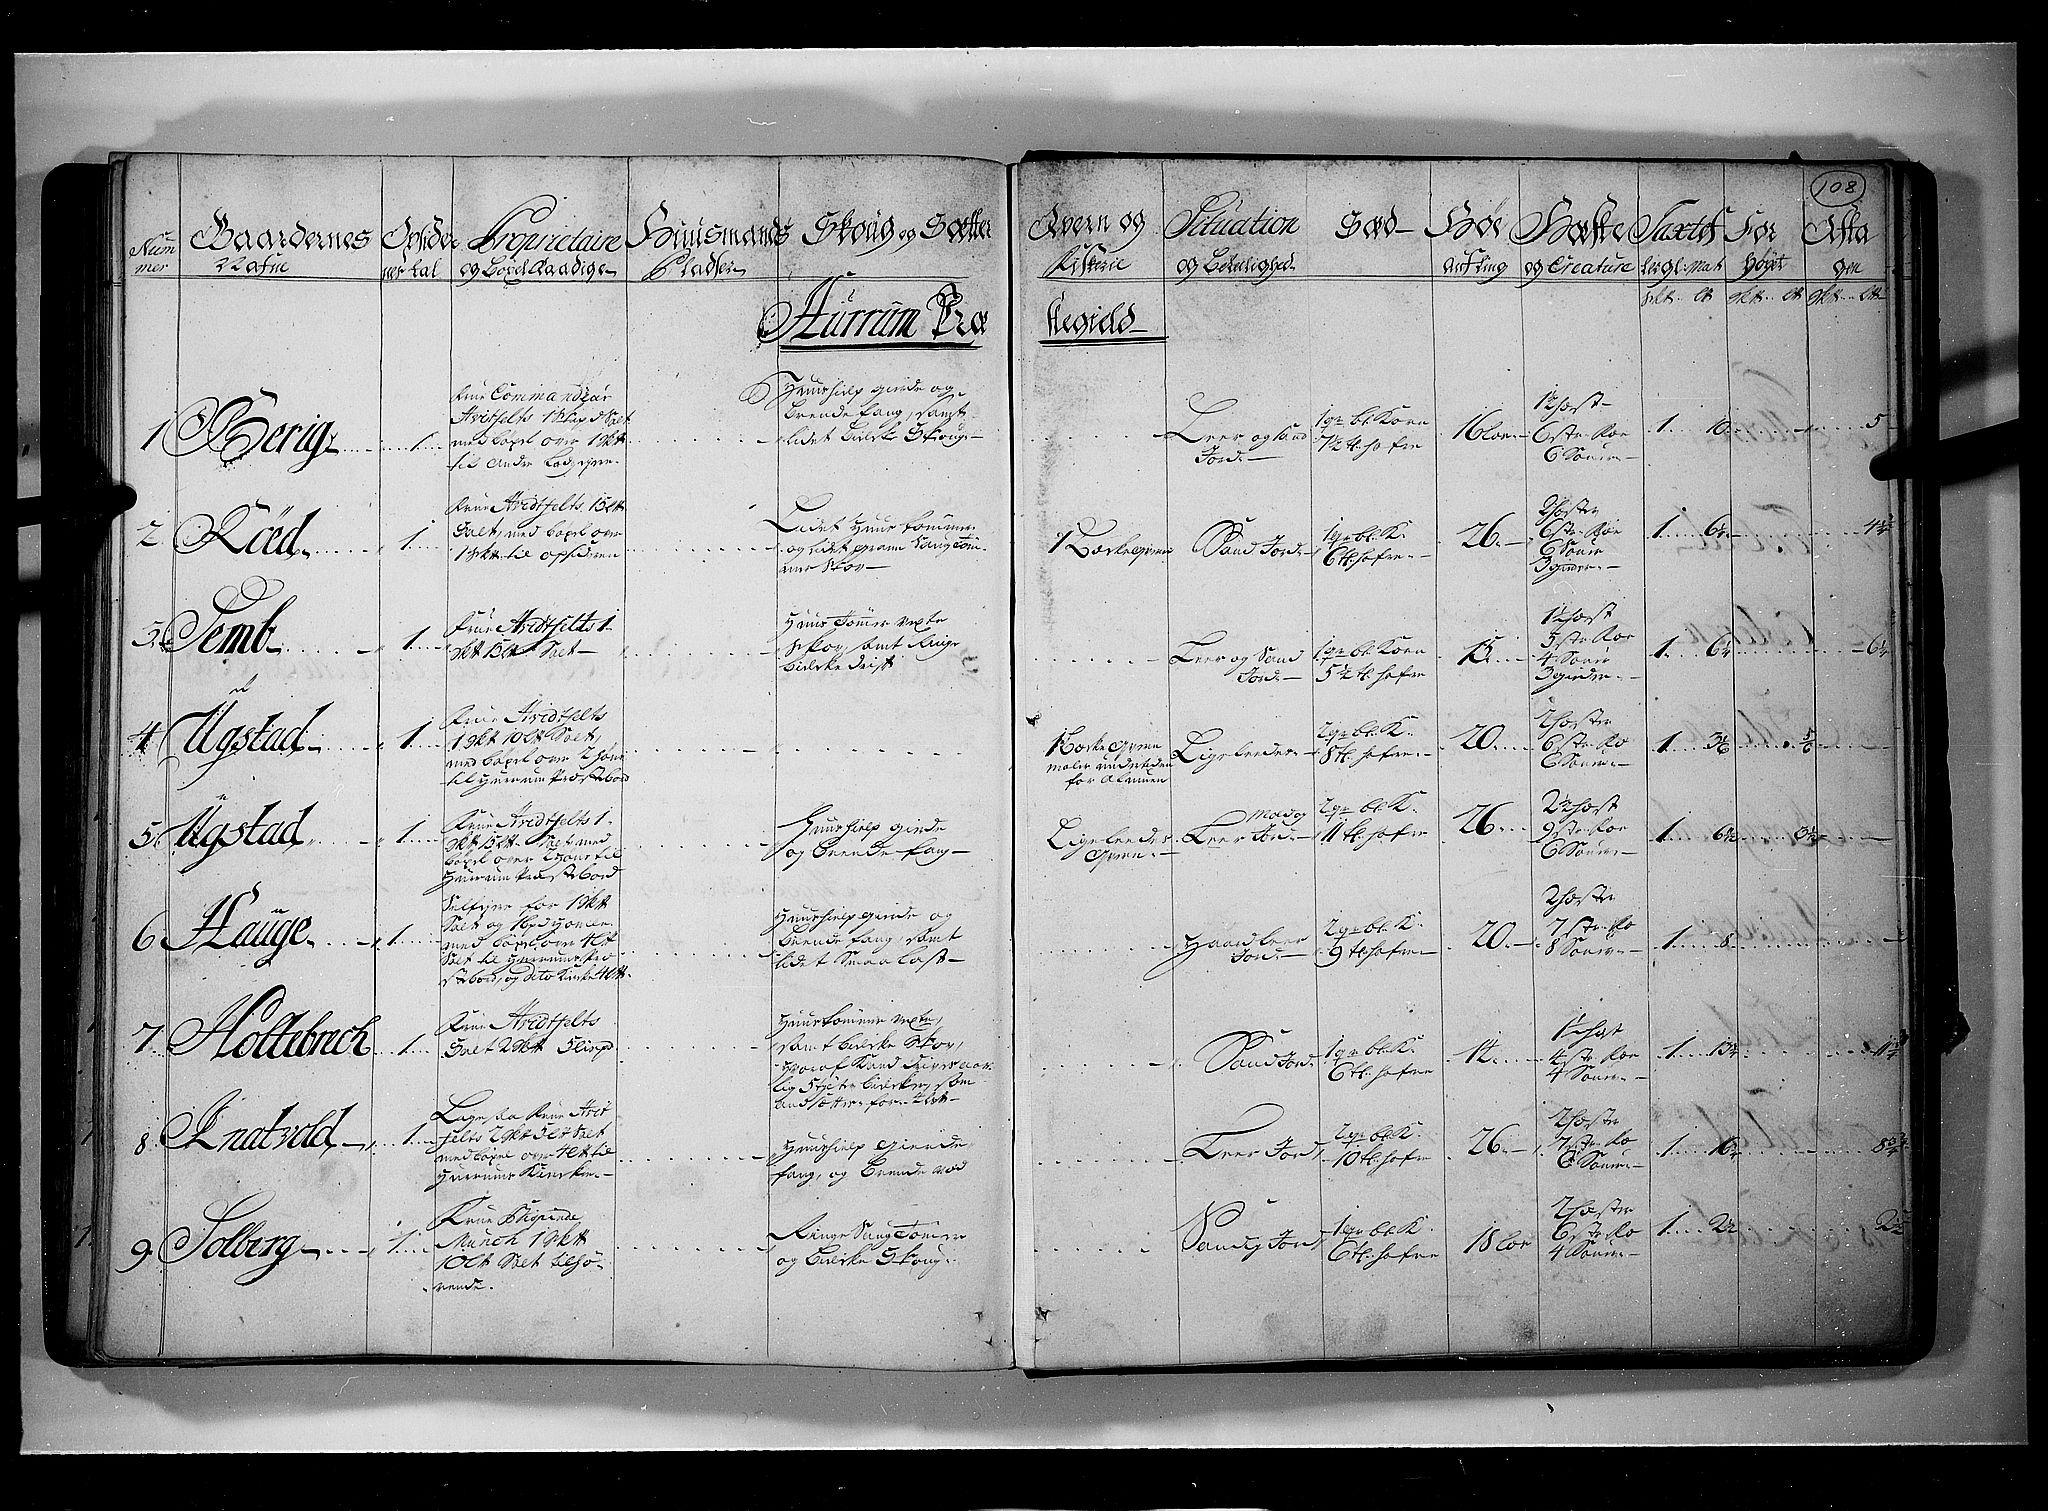 RA, Rentekammeret inntil 1814, Realistisk ordnet avdeling, N/Nb/Nbf/L0111: Buskerud eksaminasjonsprotokoll, 1723, s. 107b-108a